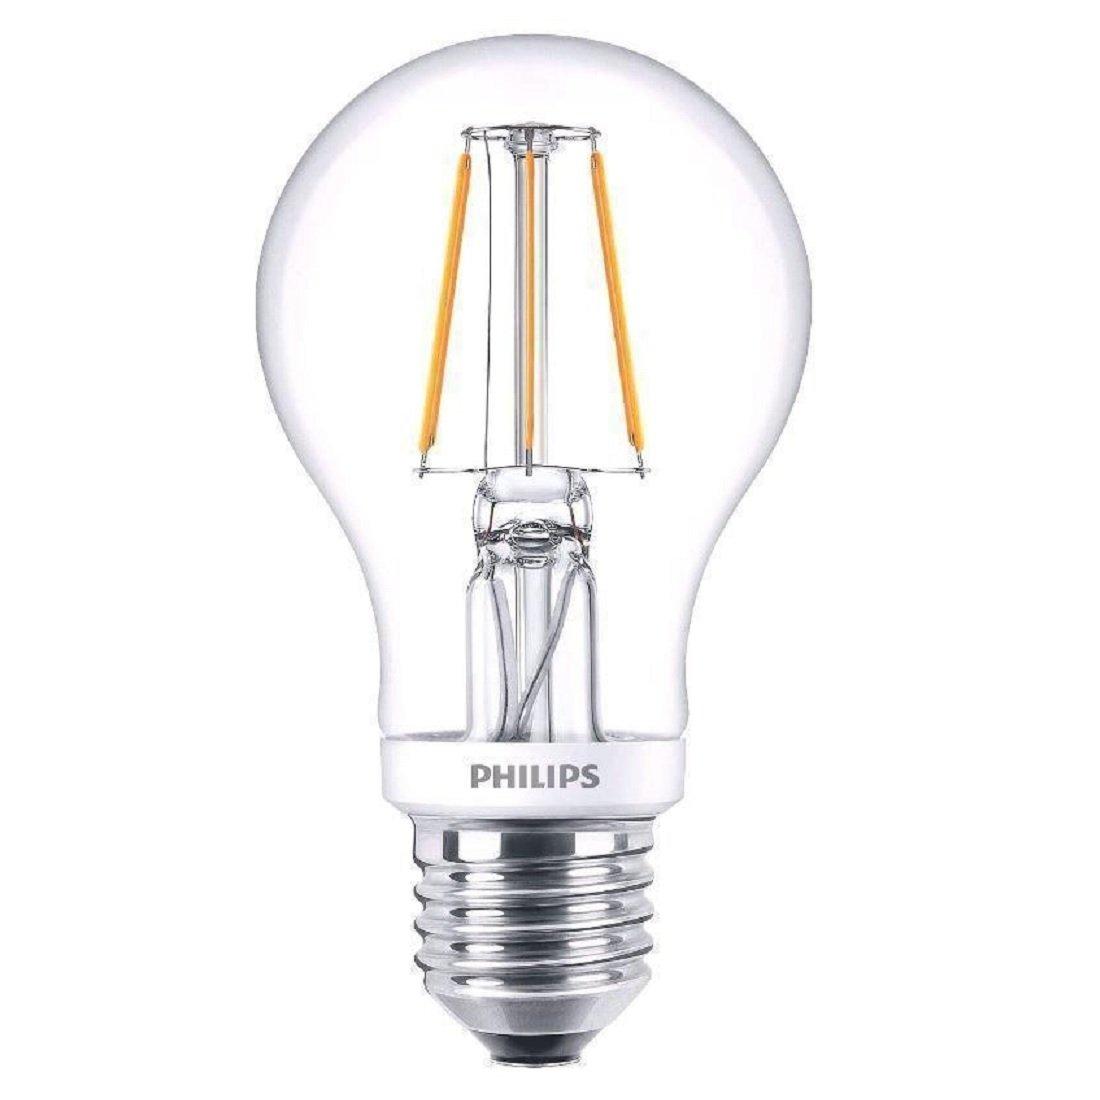 Philips LED E27 A60 4.5W 827 Helder Dimbaar